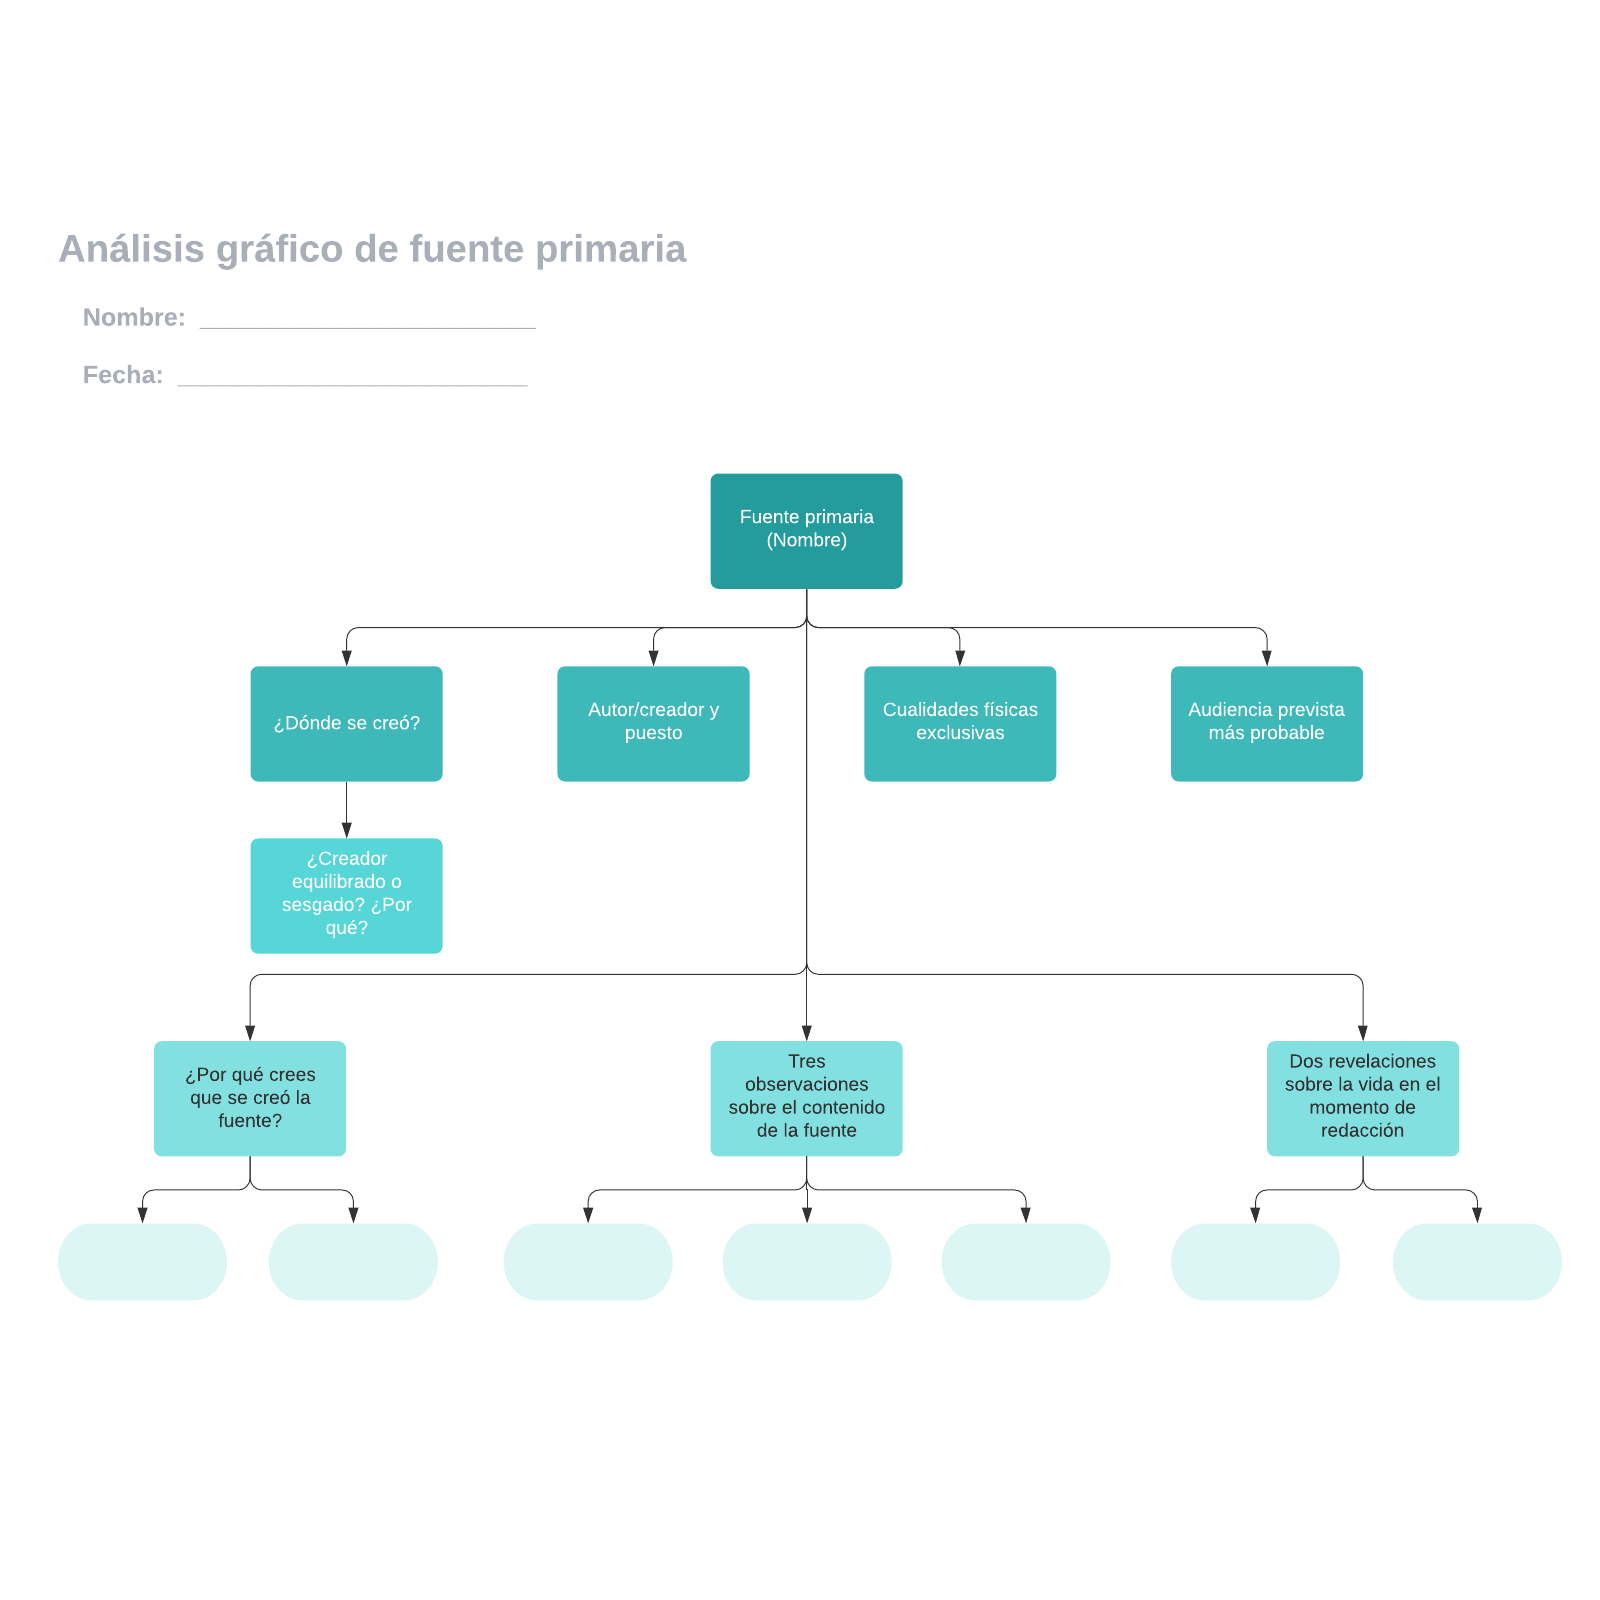 Análisis gráfico de fuente primaria